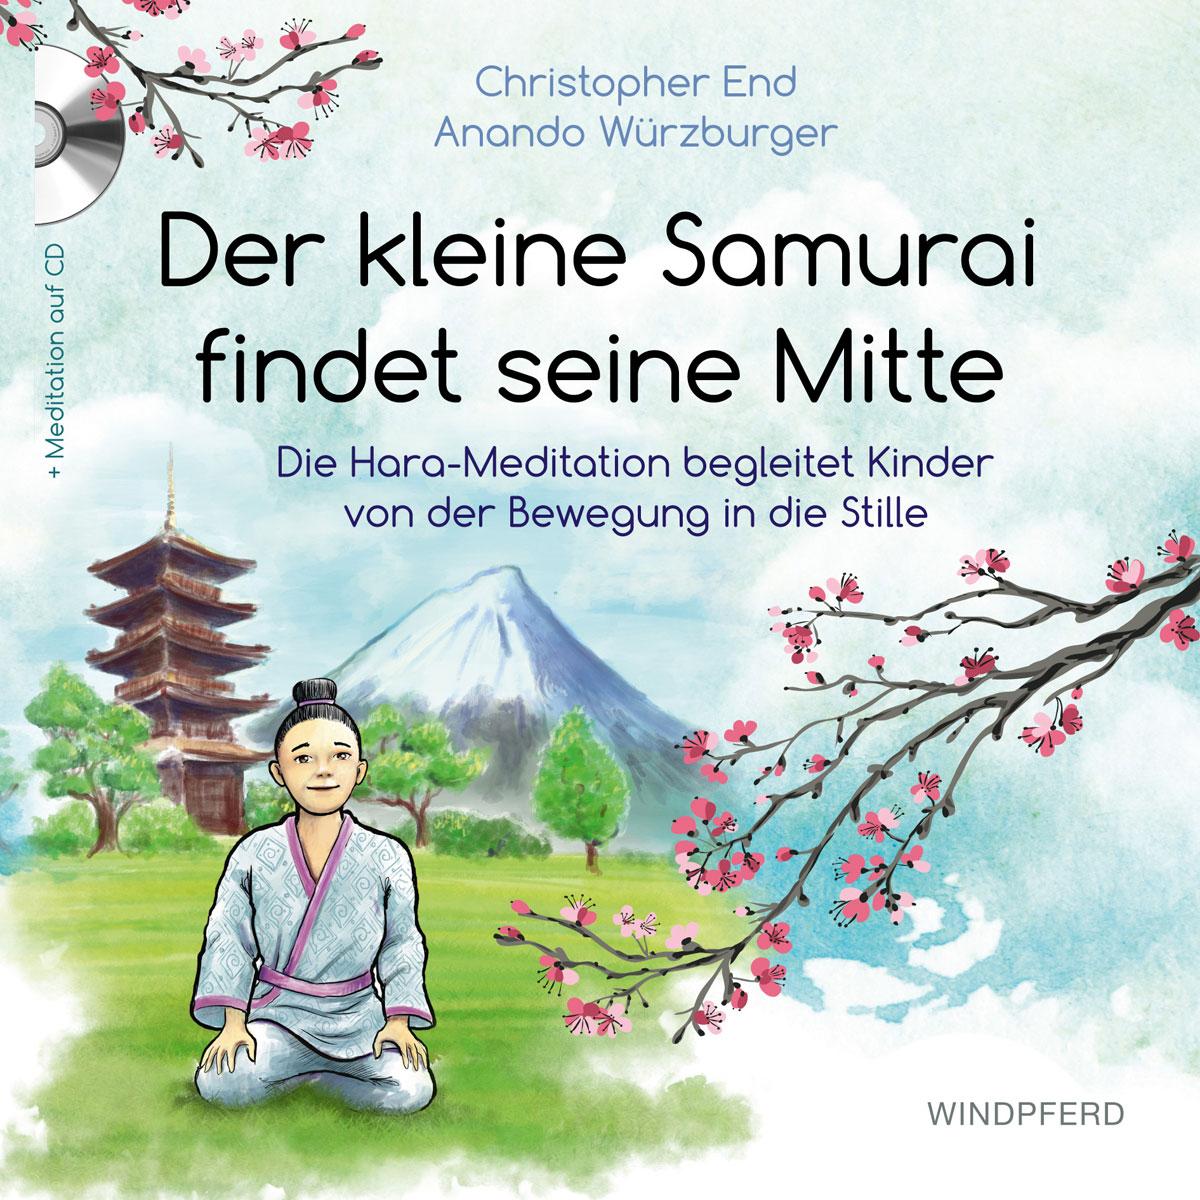 Der kleine Samurai findet seine Mitte | Buch-Cover |mit kindern meditieren